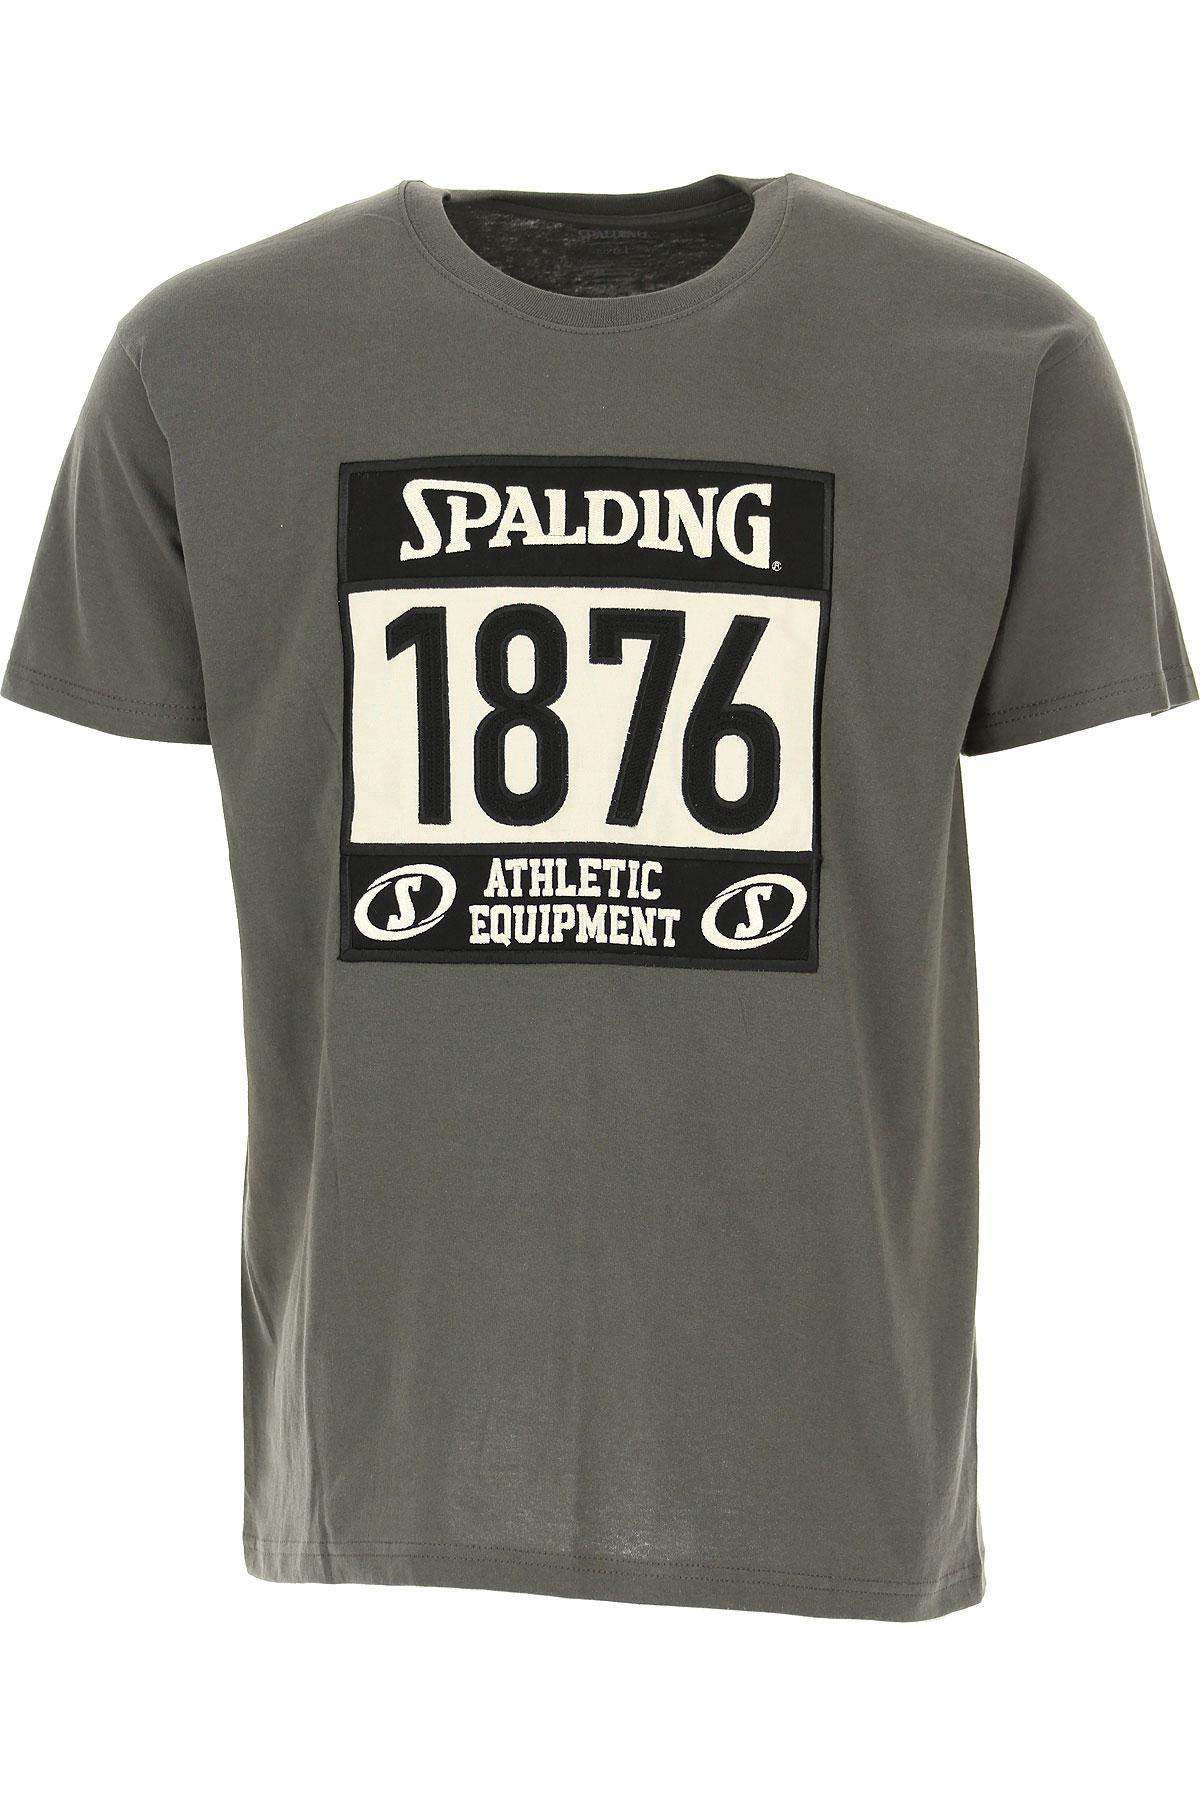 Spalding T-Shirt for Men On Sale, Lead Grey, Cotton, 2019, L M S XL XXL